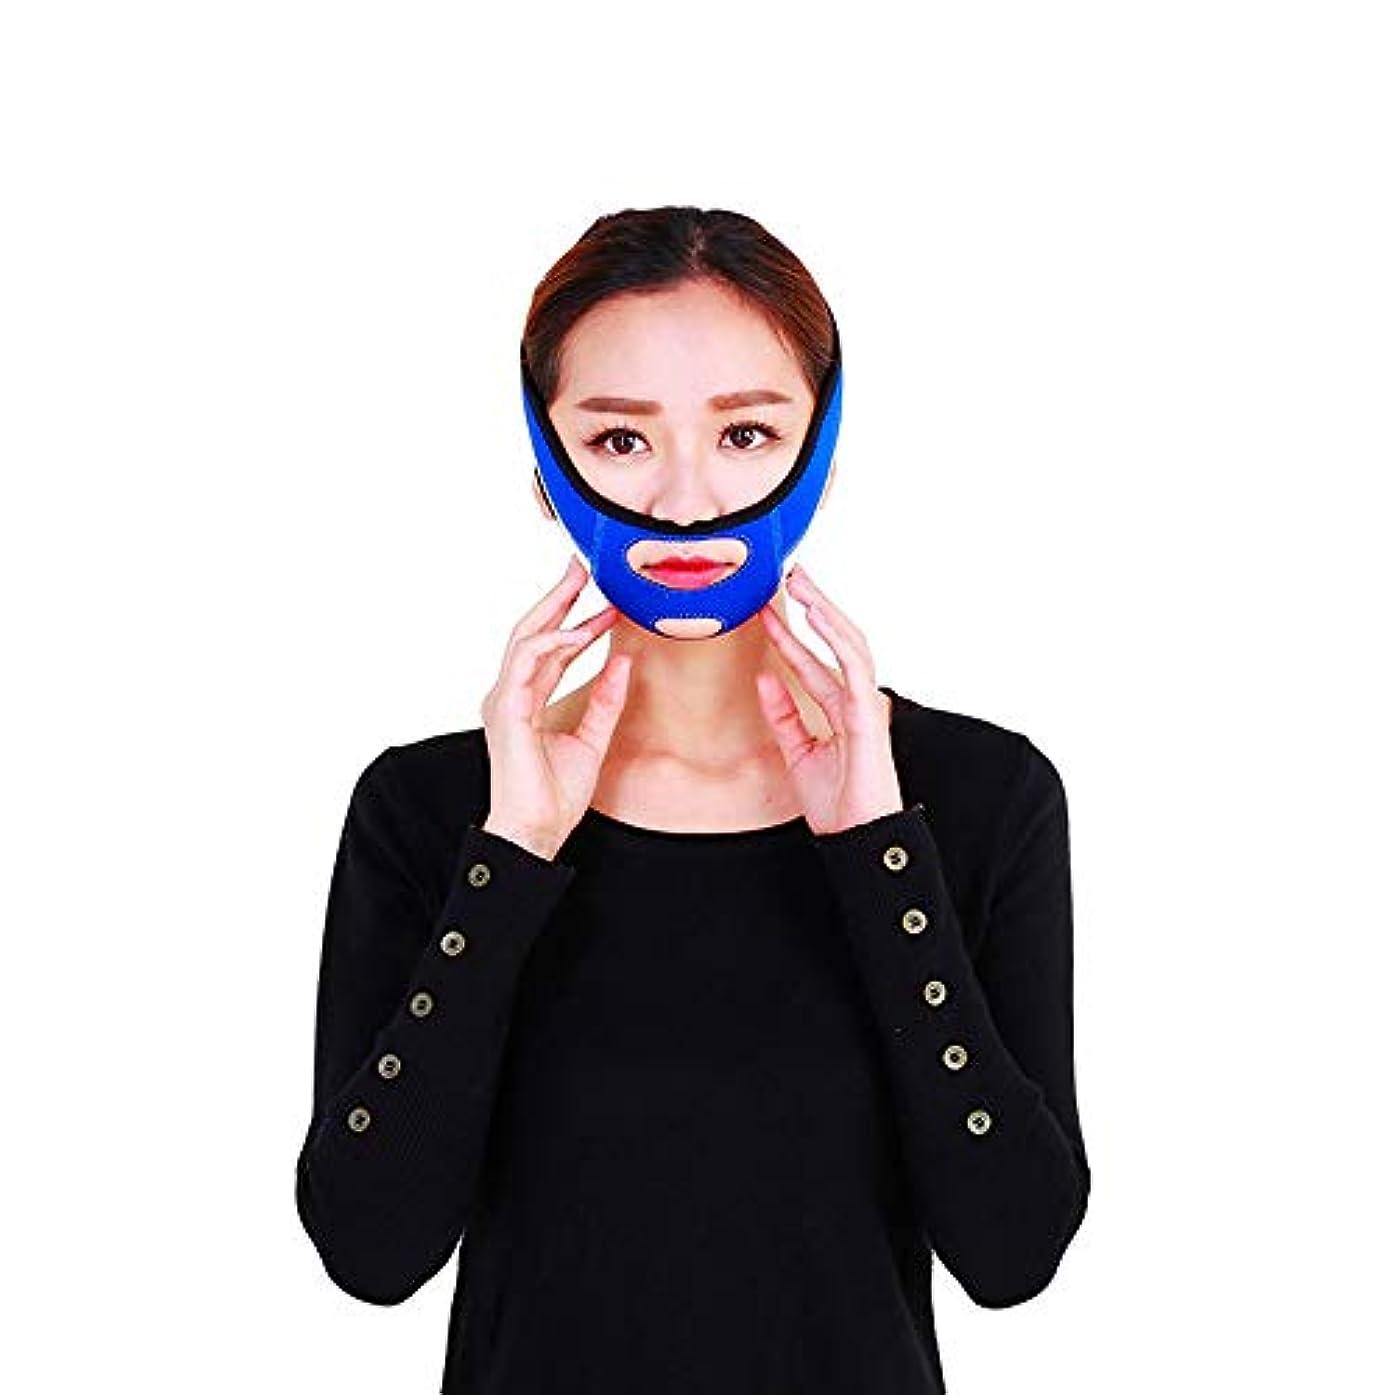 日記ハプニング動くGYZ フェイシャルリフティング痩身ベルトフェーススリム二重あごを取り除くアンチエイジングリンクルフェイス包帯マスク整形マスクが顔を引き締める Thin Face Belt